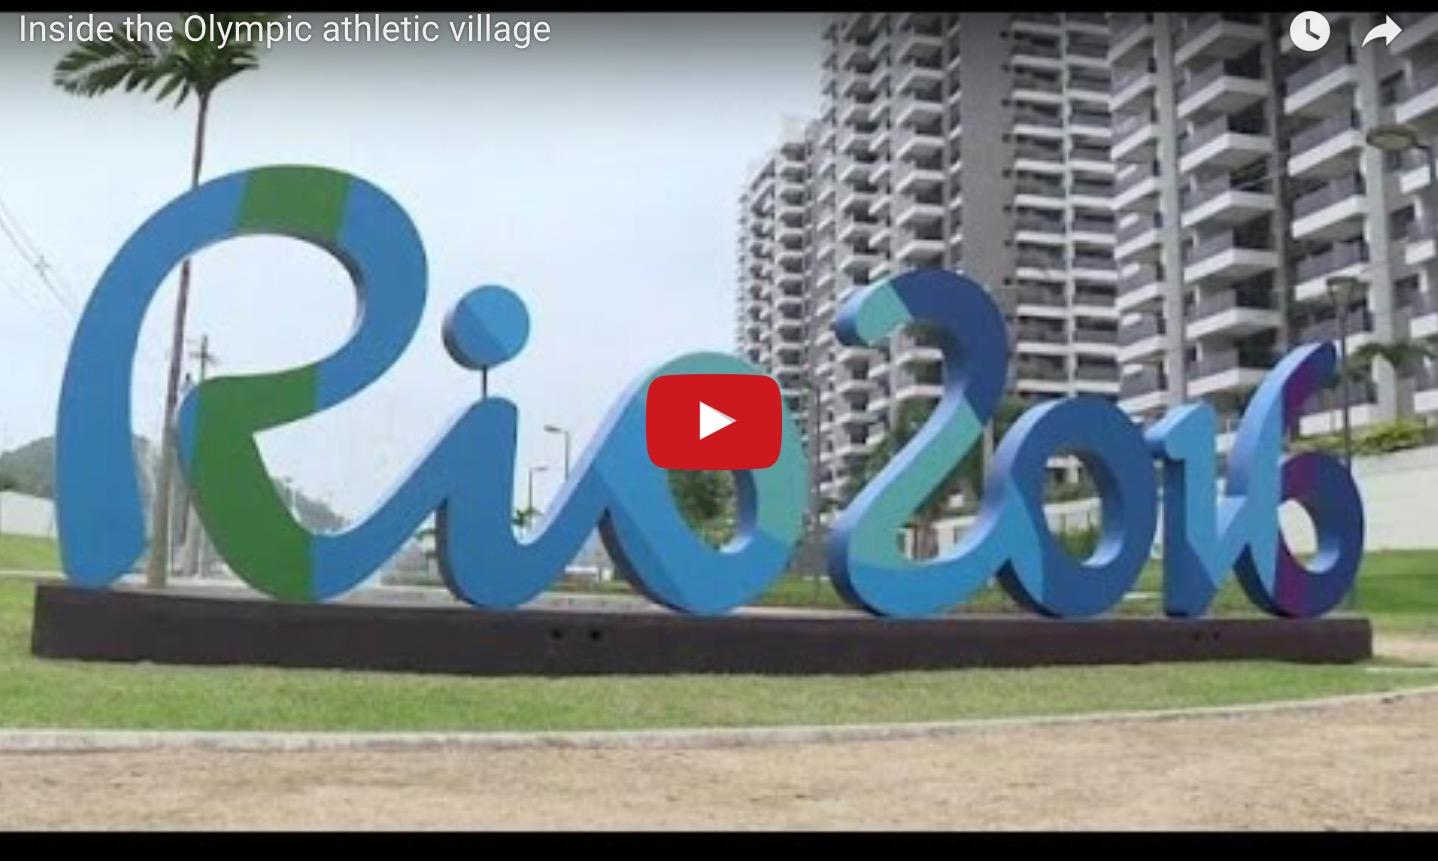 Δείτε το Ολυμπιακό χωριό του ΡΙΟ #Rio2916 #RoadToRio #Olympics Olympic Village